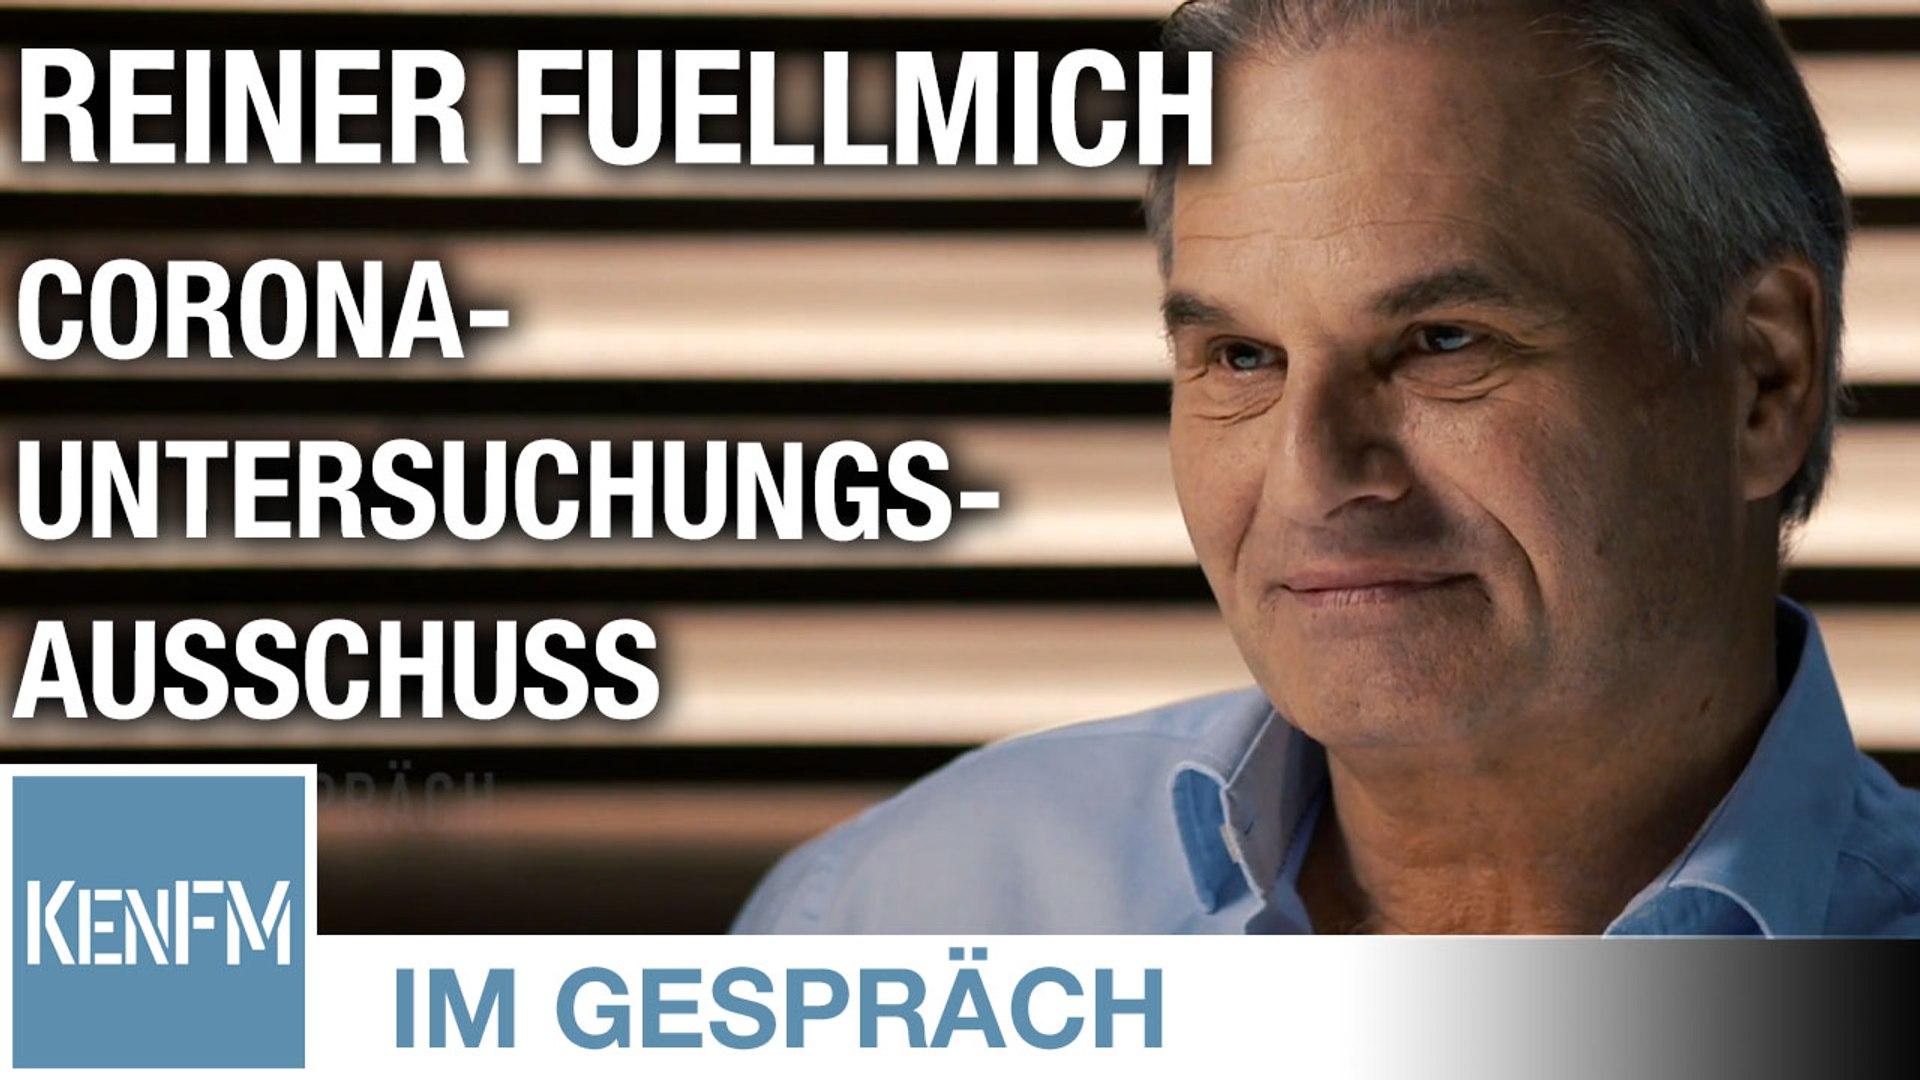 Im Gespräch: Reiner Fuellmich (Corona-Untersuchungsausschuss)